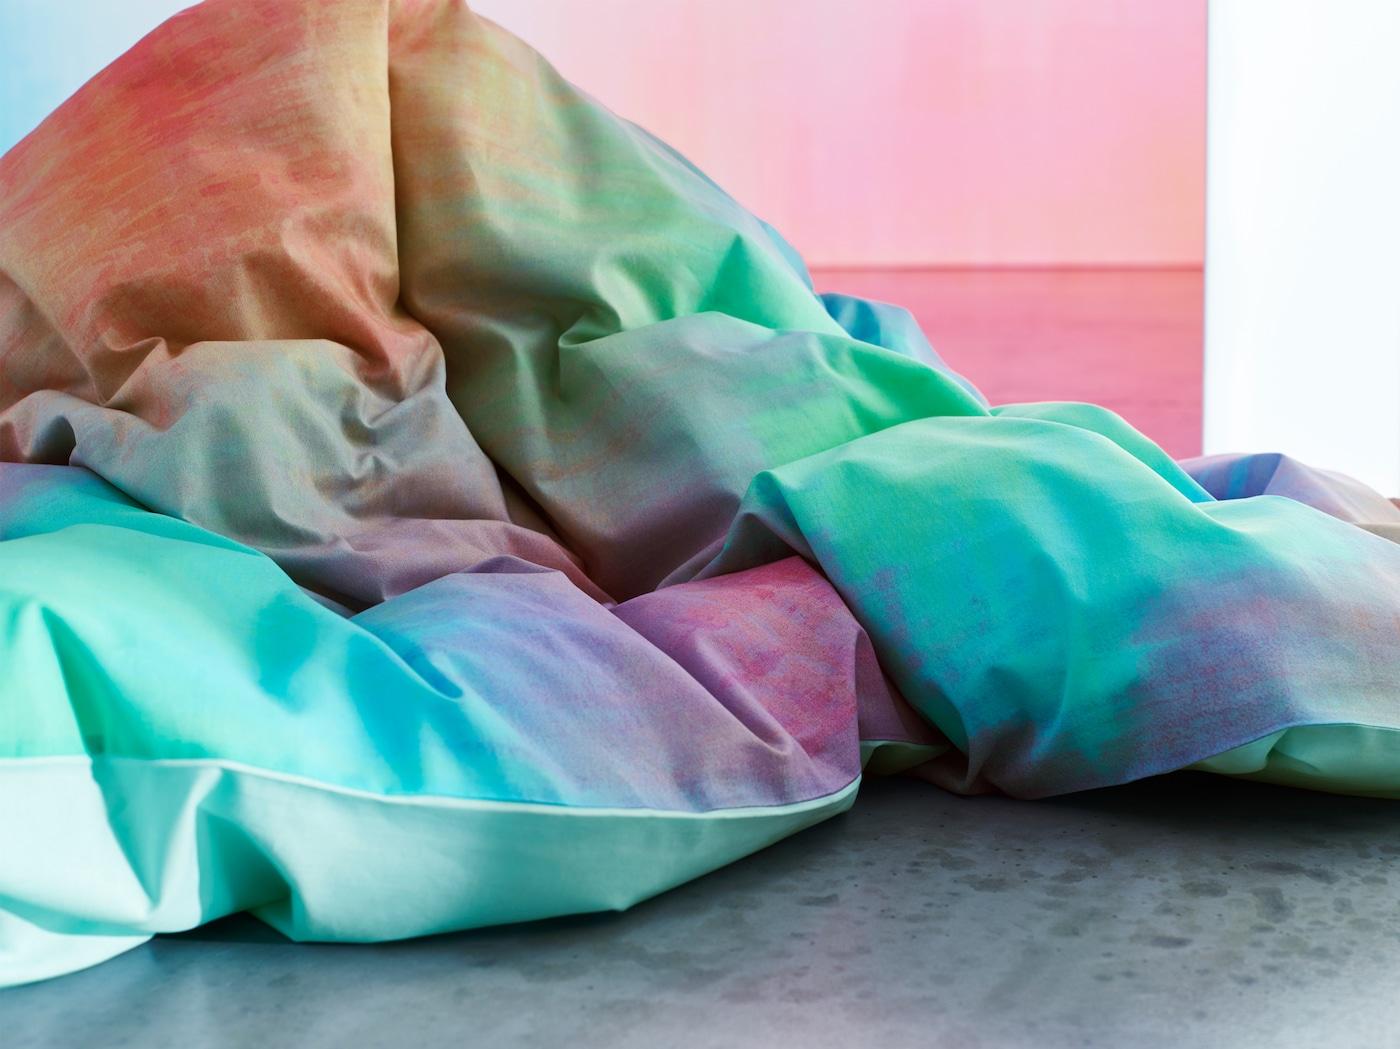 صورة مقرفة لغطاء لحاف PIPSTÄKRA بطباعة باستيل تشبه مزيج الألوان المائية.